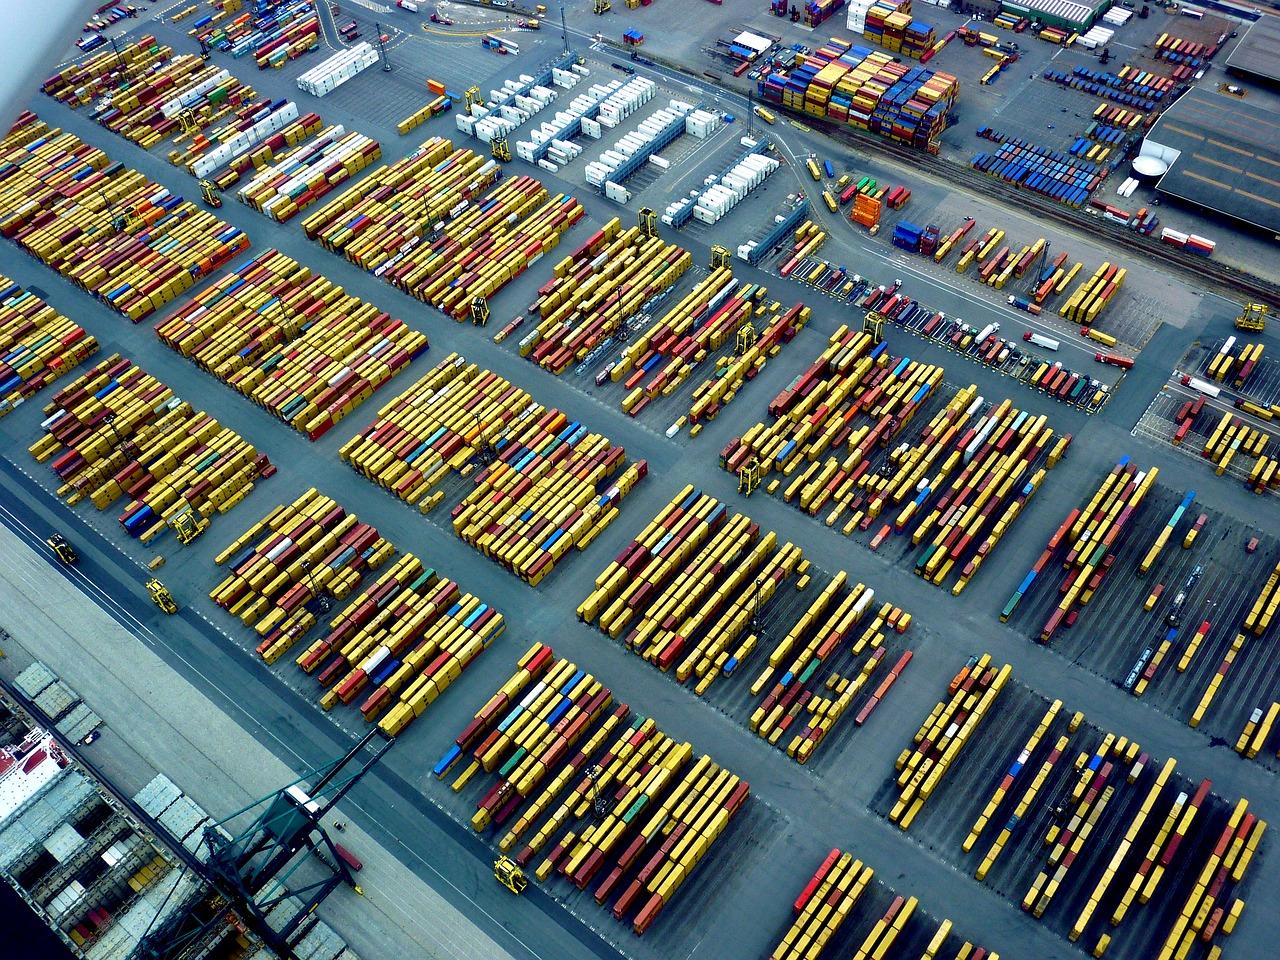 Los contenedores Docker no son suficientes